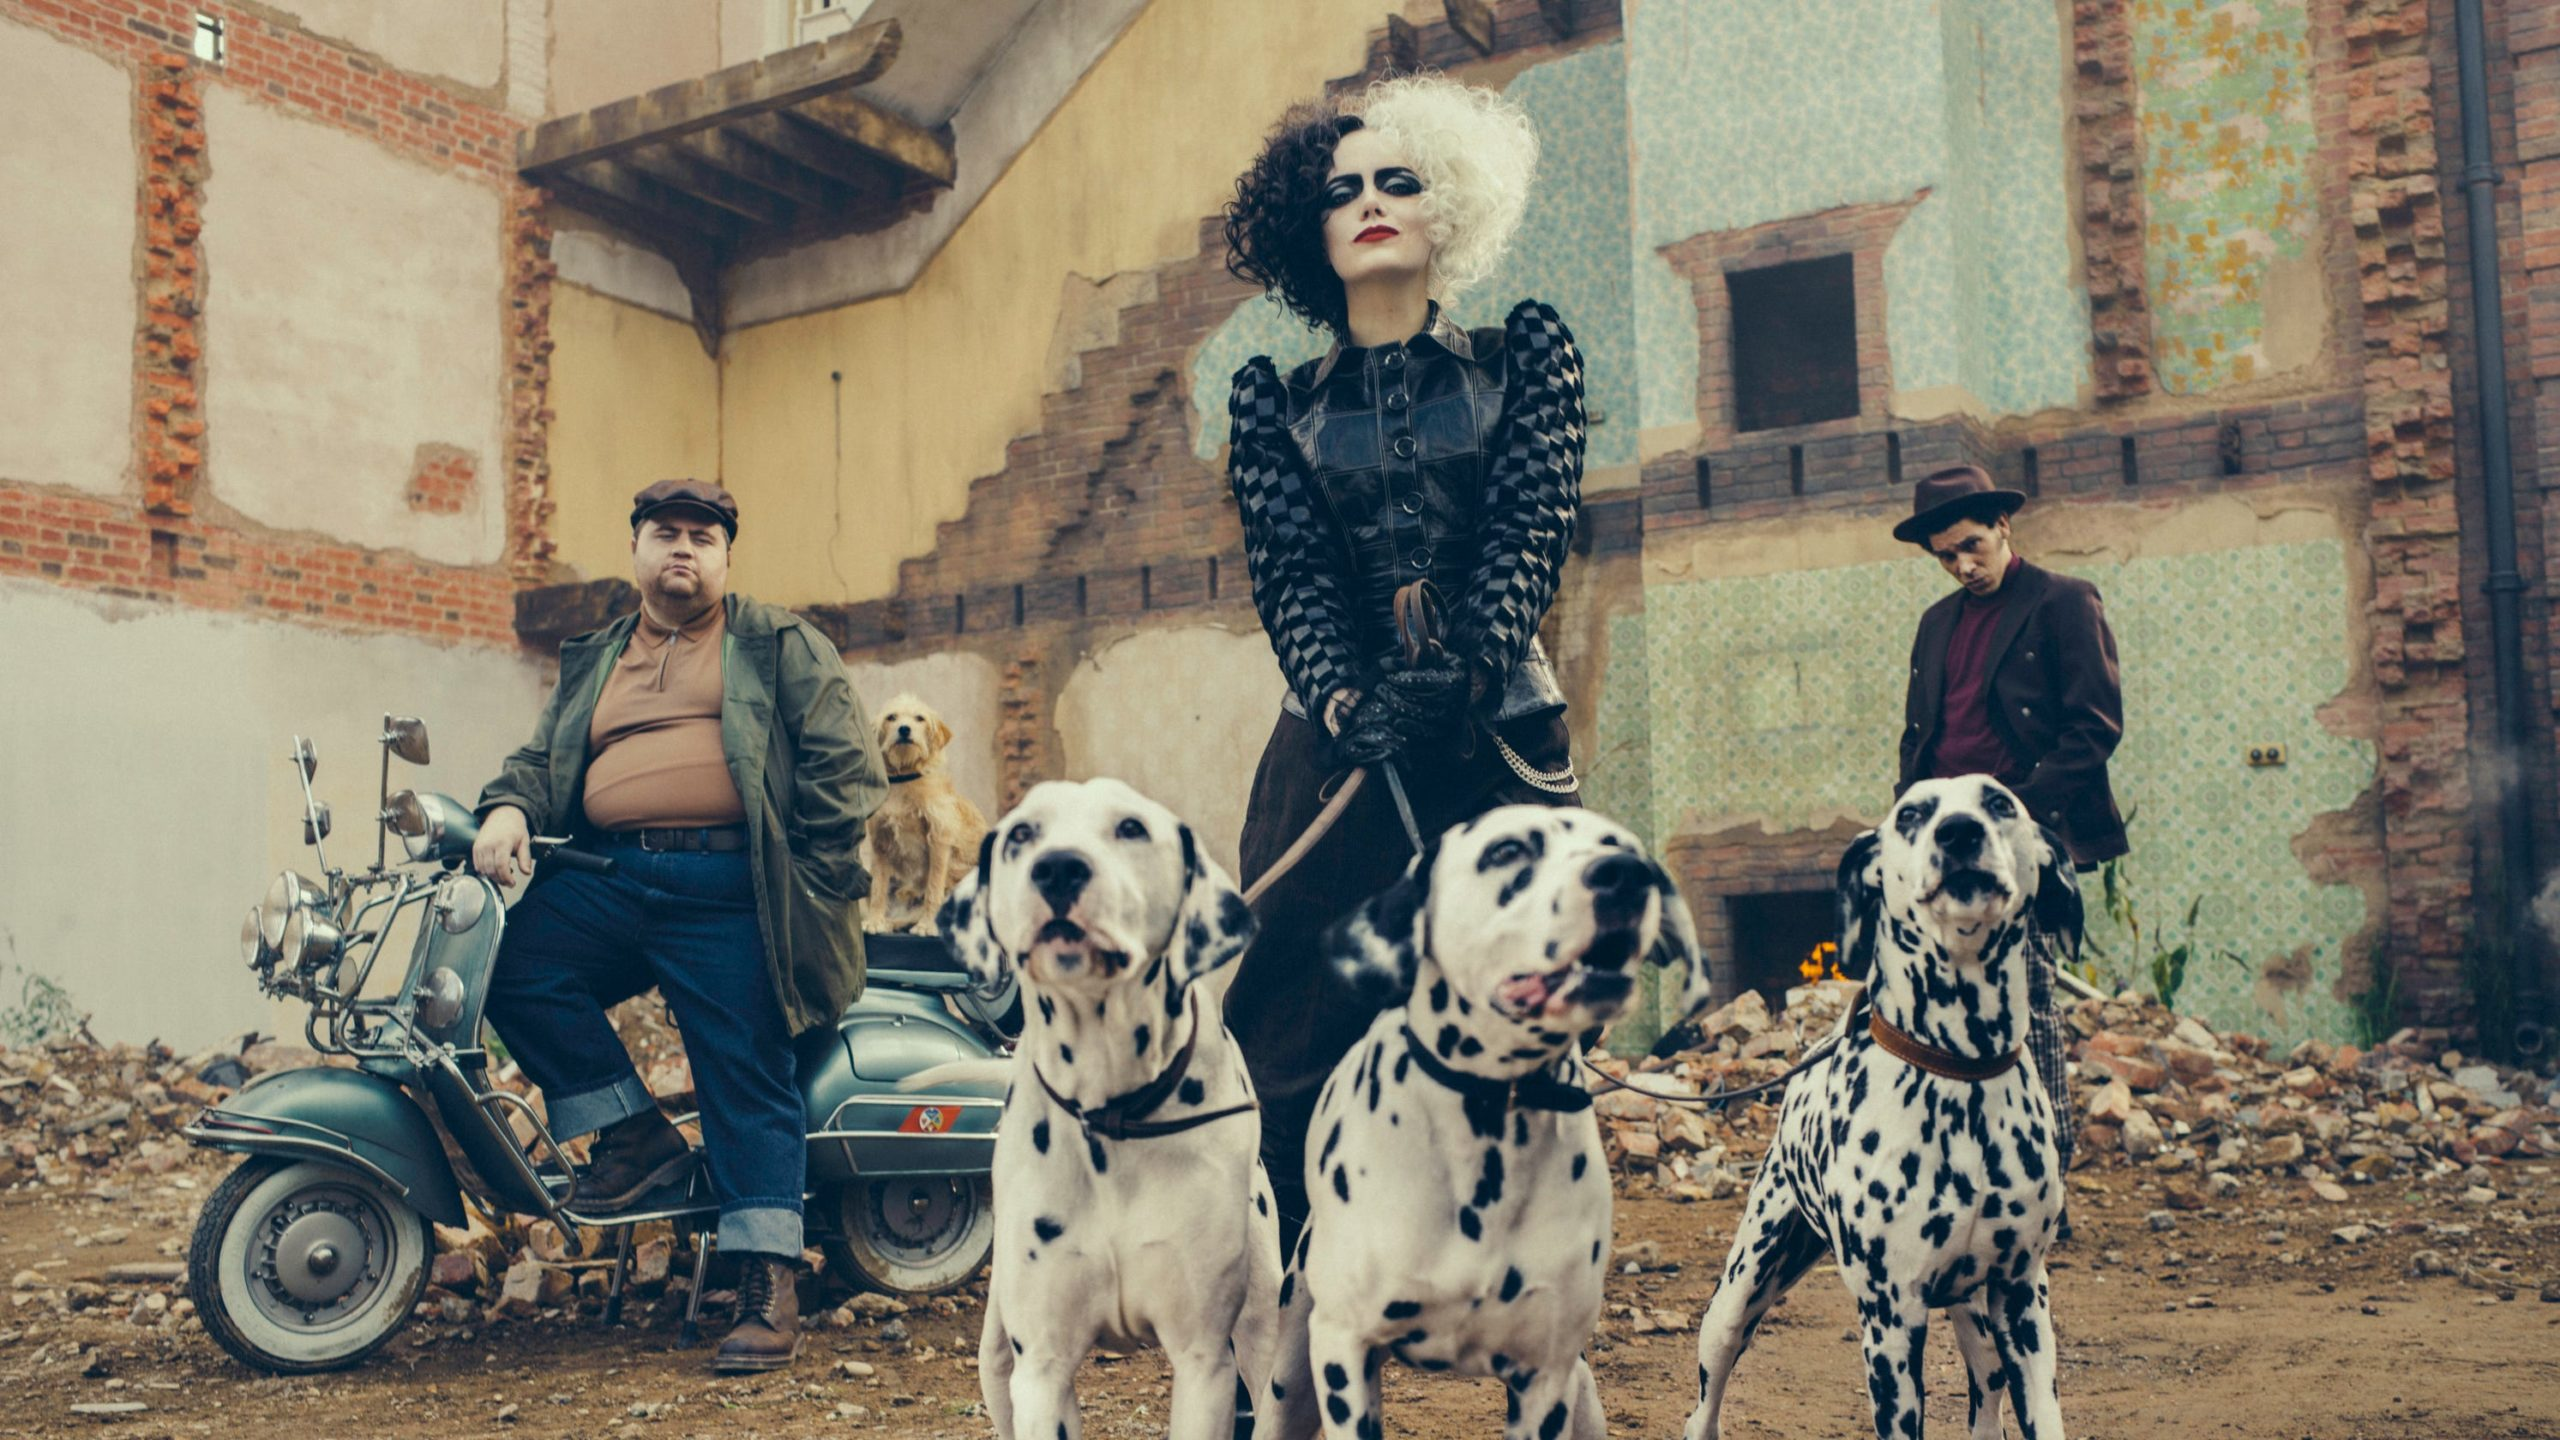 Primer vistazo a Emma Stone como Cruella de Vil en el live-action Cruella